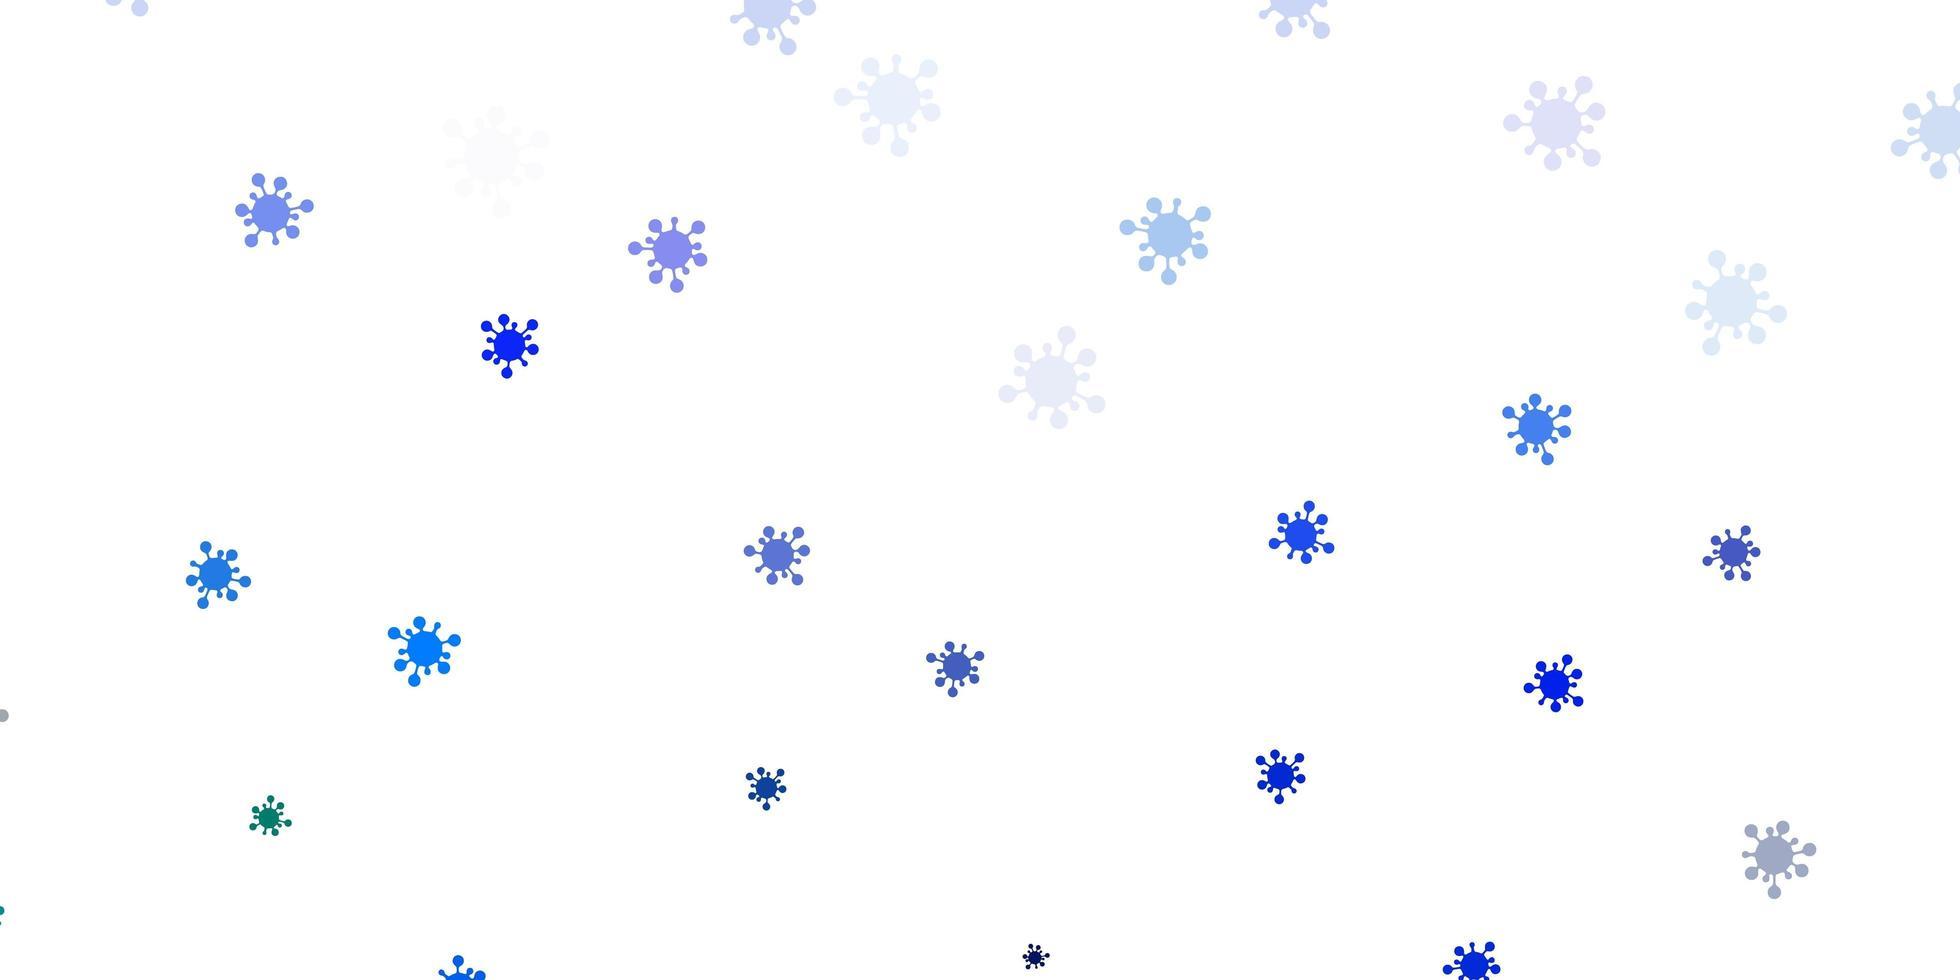 Fondo de vector azul claro, verde con símbolos covid-19.